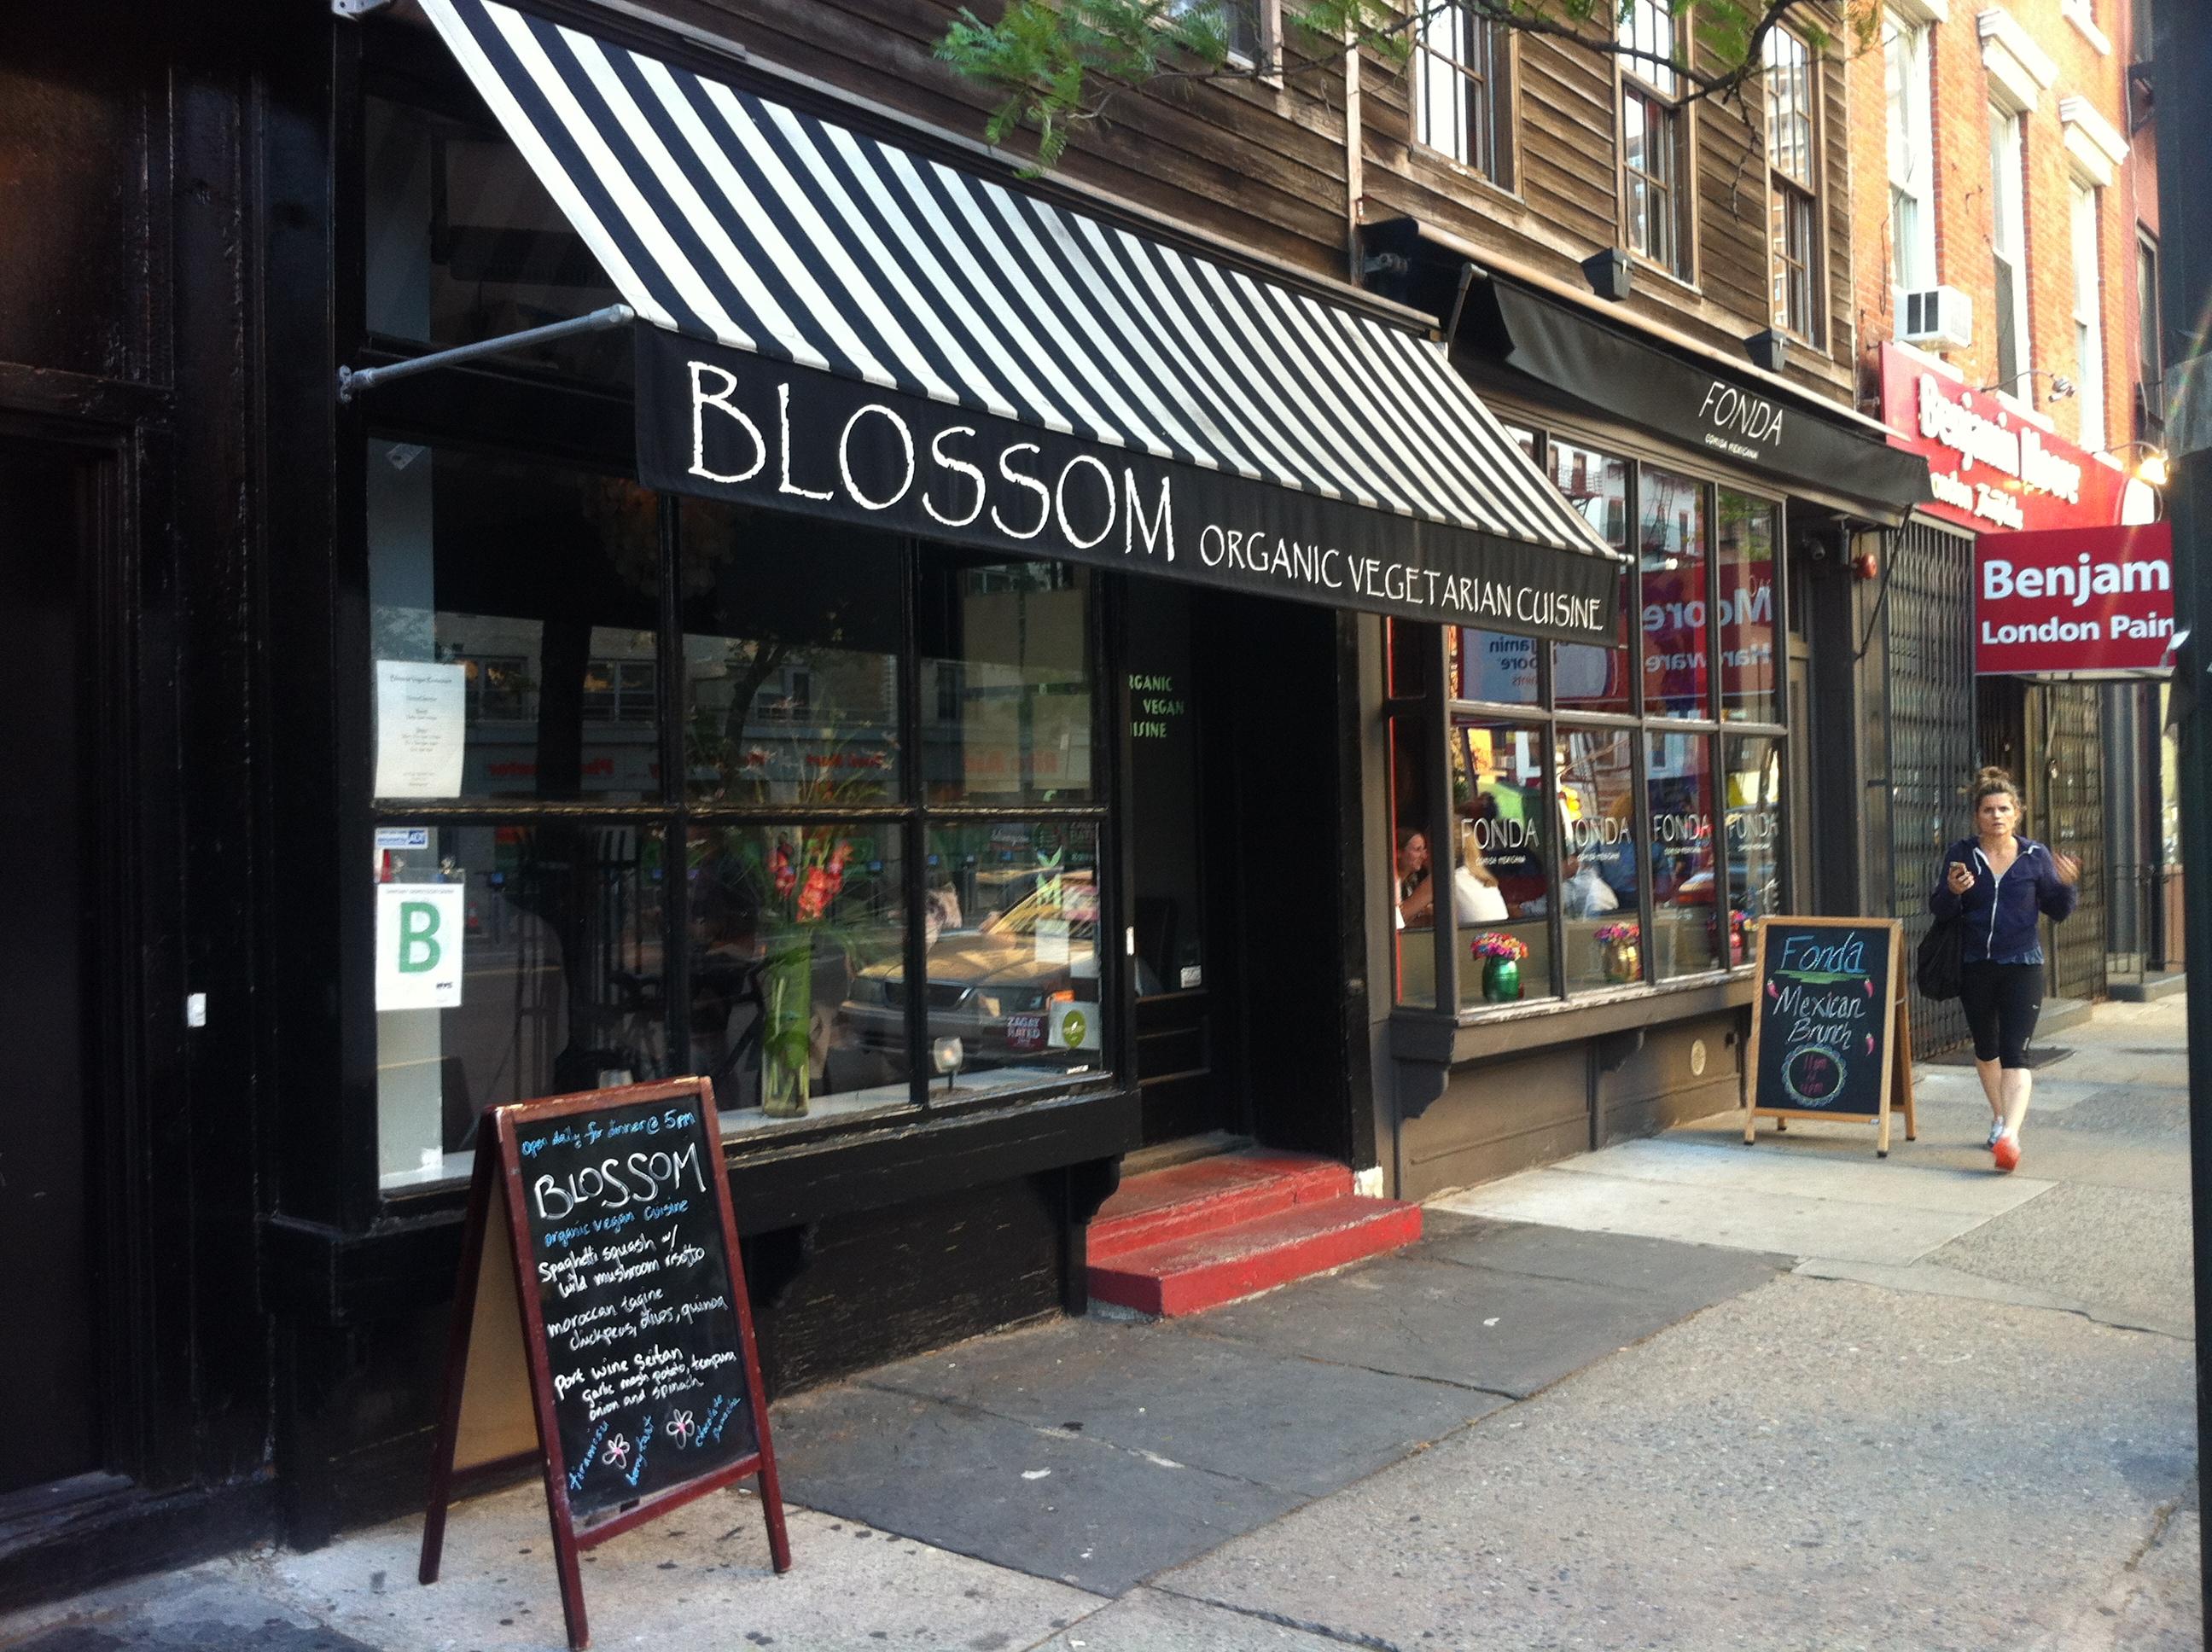 Blossom vegan restaurant, New York.jpg